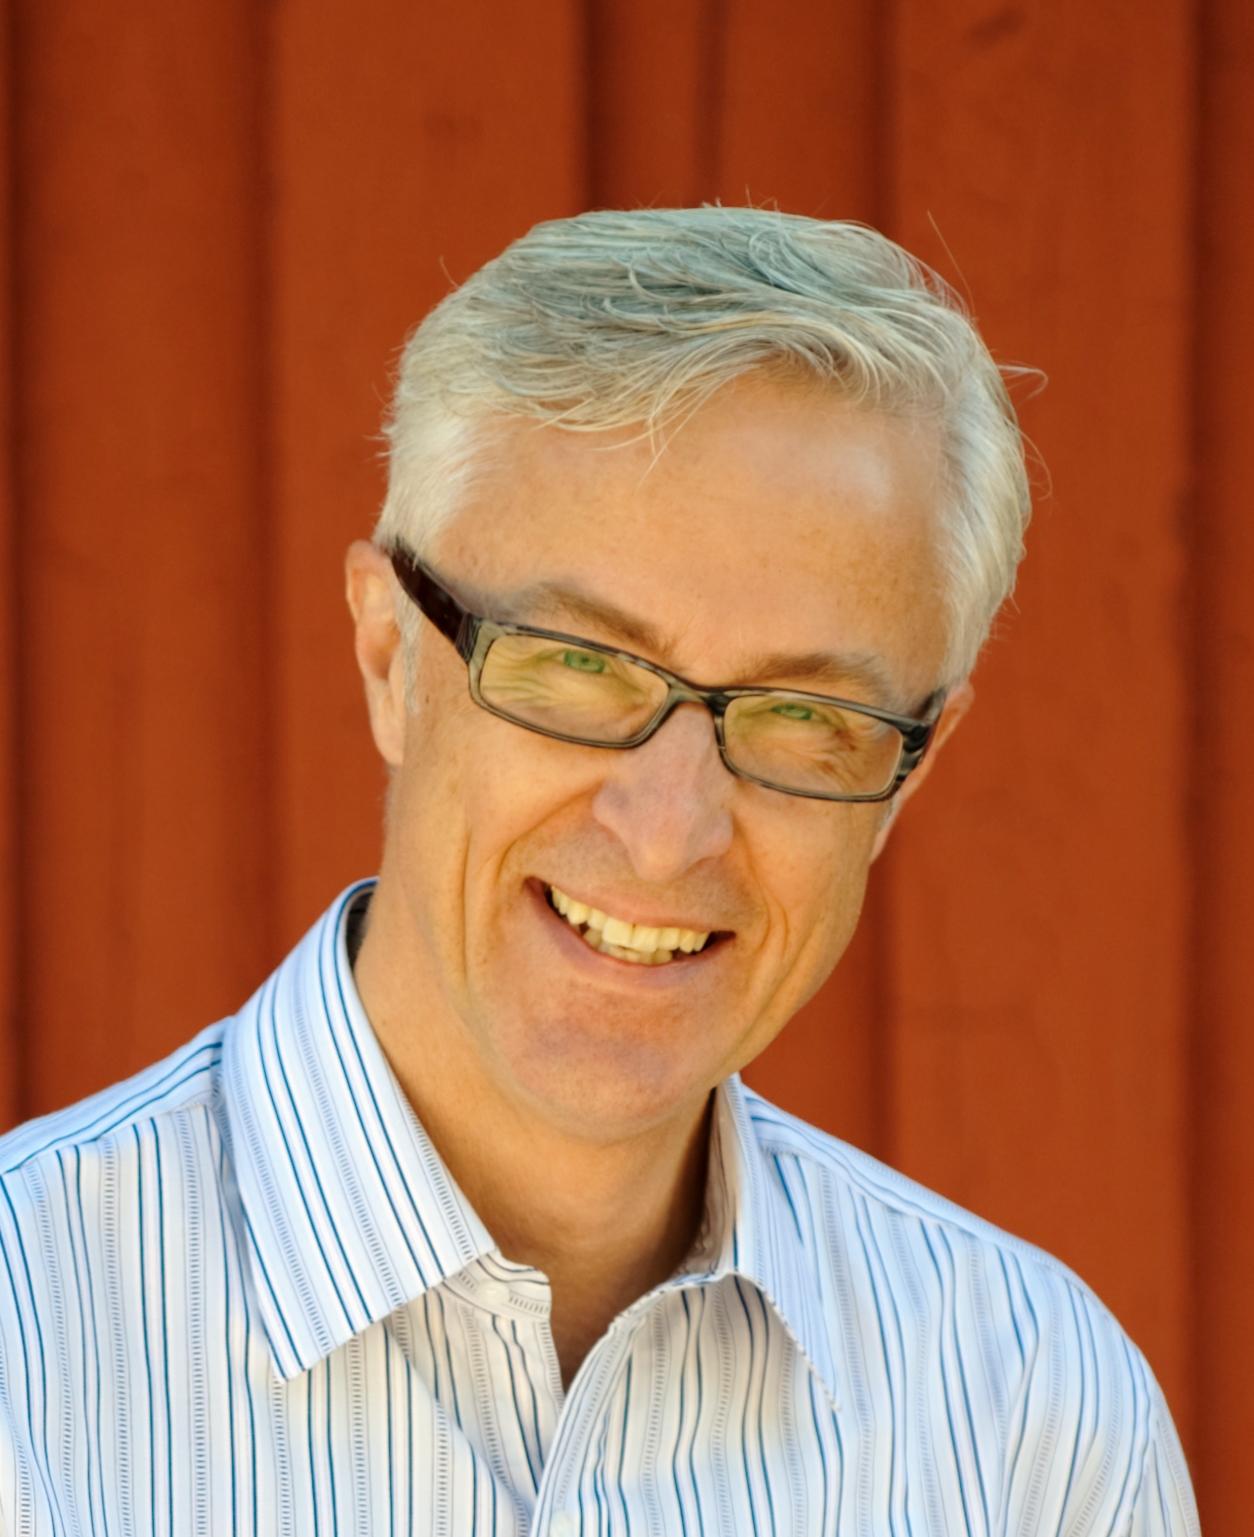 Ken Strilchuk